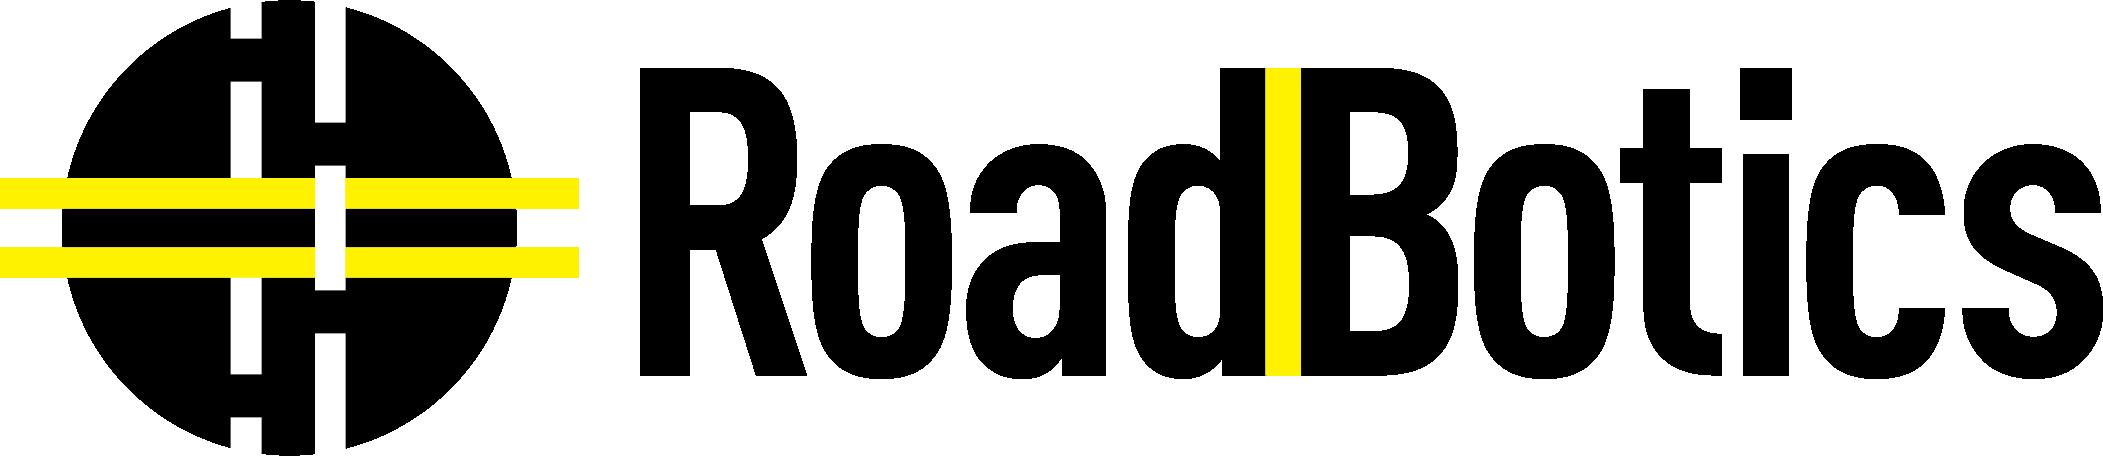 RoadBotics.png